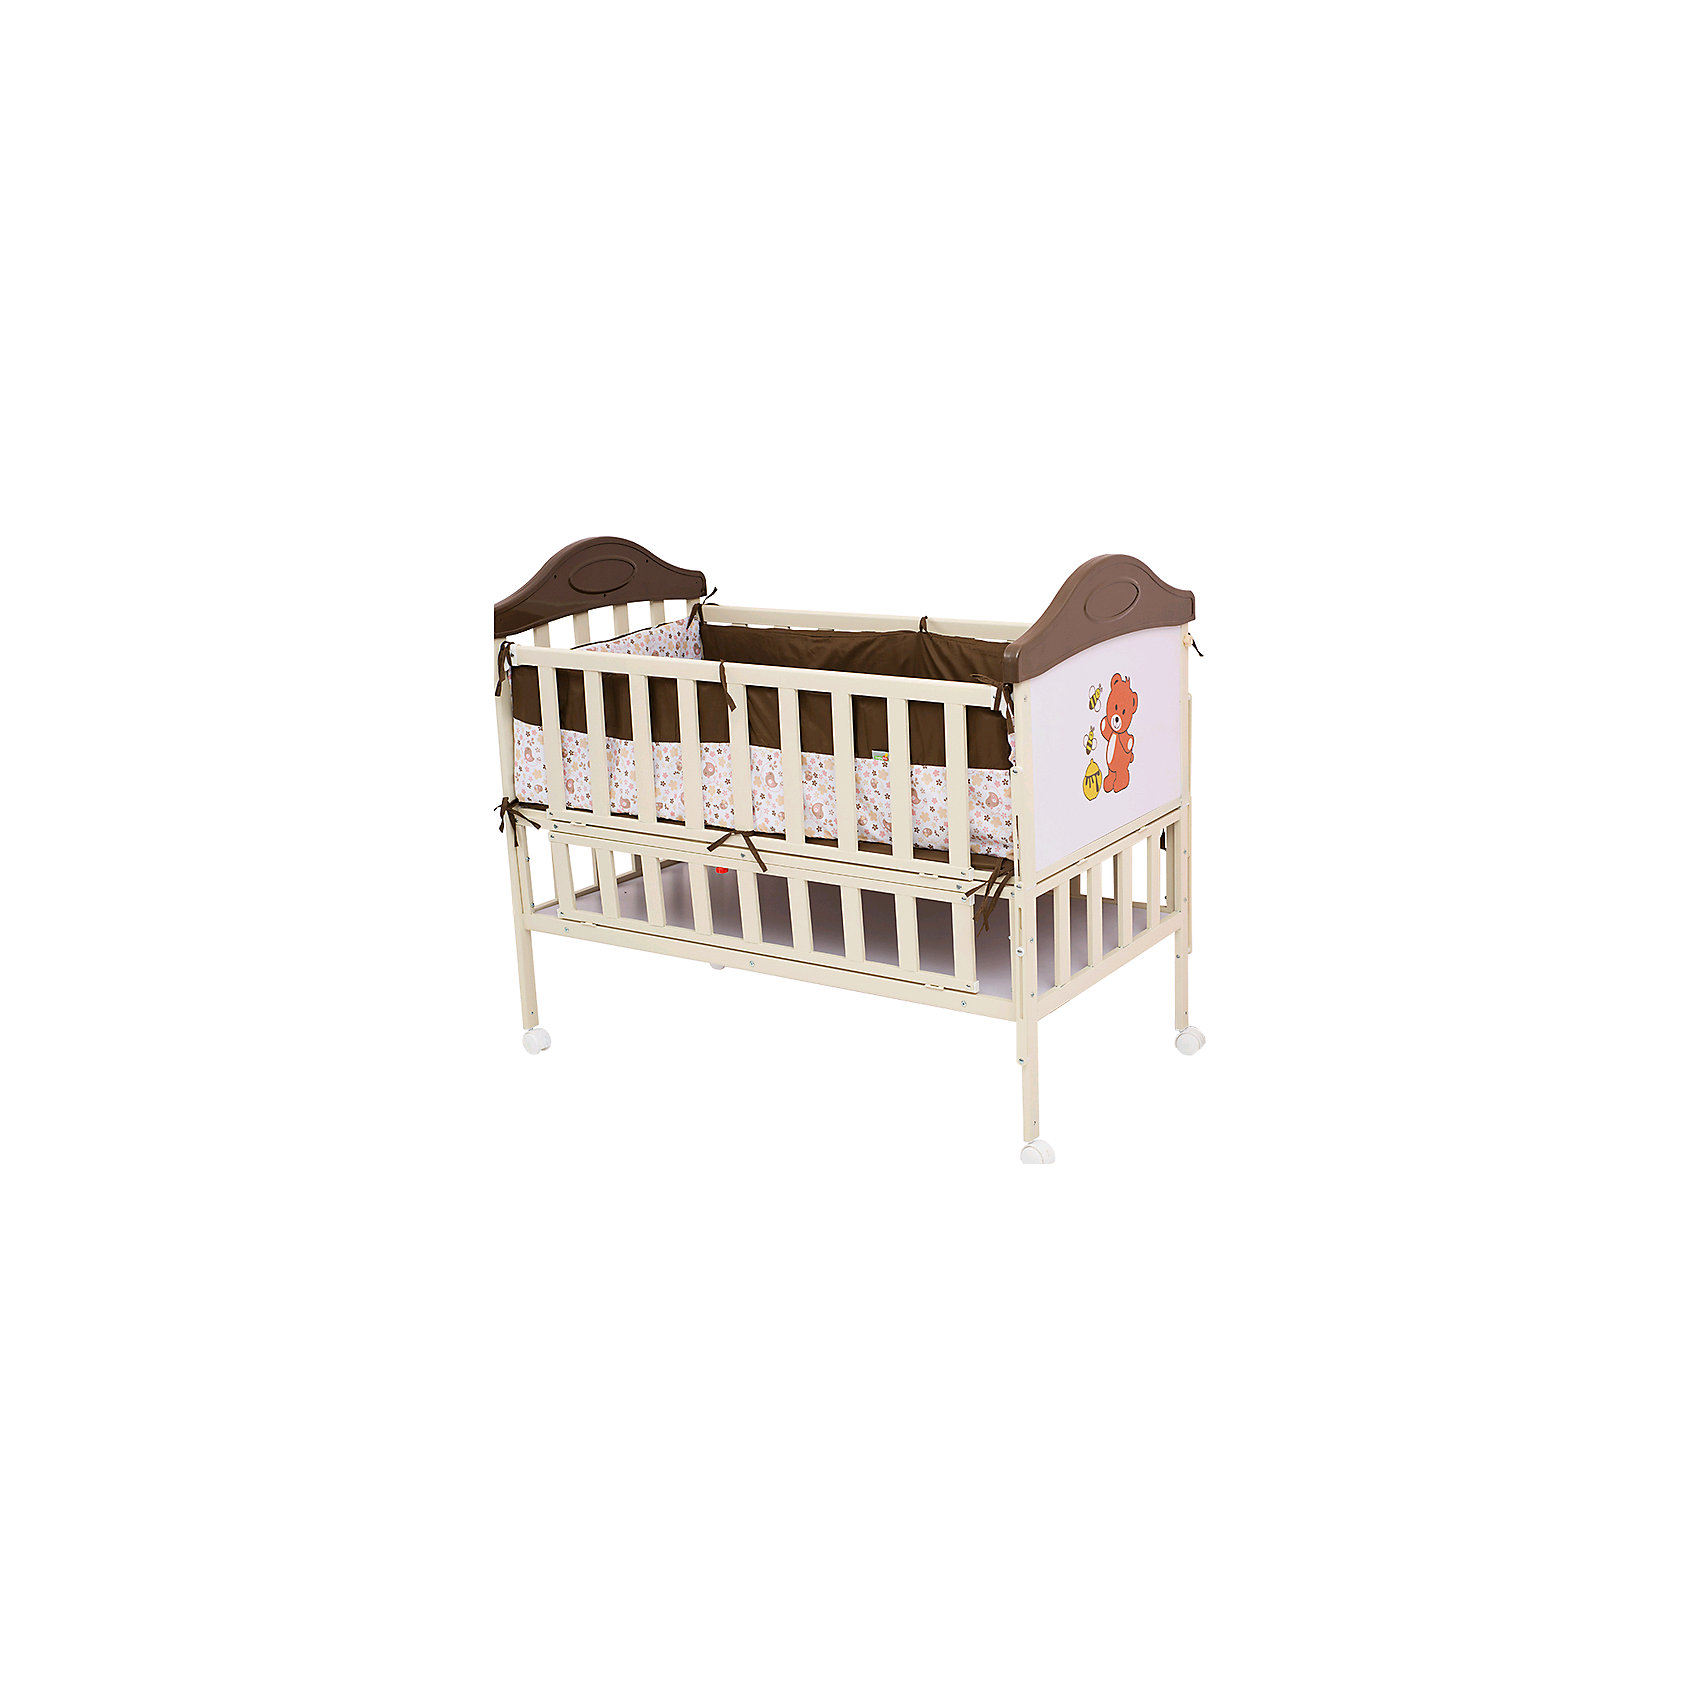 Металлическая кроватка SLEEPY, Babyhit, кофейныйКроватки<br>Металлическая кровать Babyhit Sleepy<br>Кроватка выполнена «под крашенное дерево». Профиль прямоугольного сечения<br>Размер спального места 120 х 60 см.<br>Откидной торцевой борт (увеличение длины спального места)<br>Откидной боковой борт (для размещения рядом с кроватью мамы)<br>Отсек для хранения<br>4 колеса со стопорами<br>В комплекте: мягкие бортики, москитная сетка – балдахин<br><br>Ширина мм: 1230<br>Глубина мм: 150<br>Высота мм: 720<br>Вес г: 26000<br>Возраст от месяцев: 0<br>Возраст до месяцев: 84<br>Пол: Унисекс<br>Возраст: Детский<br>SKU: 5227601